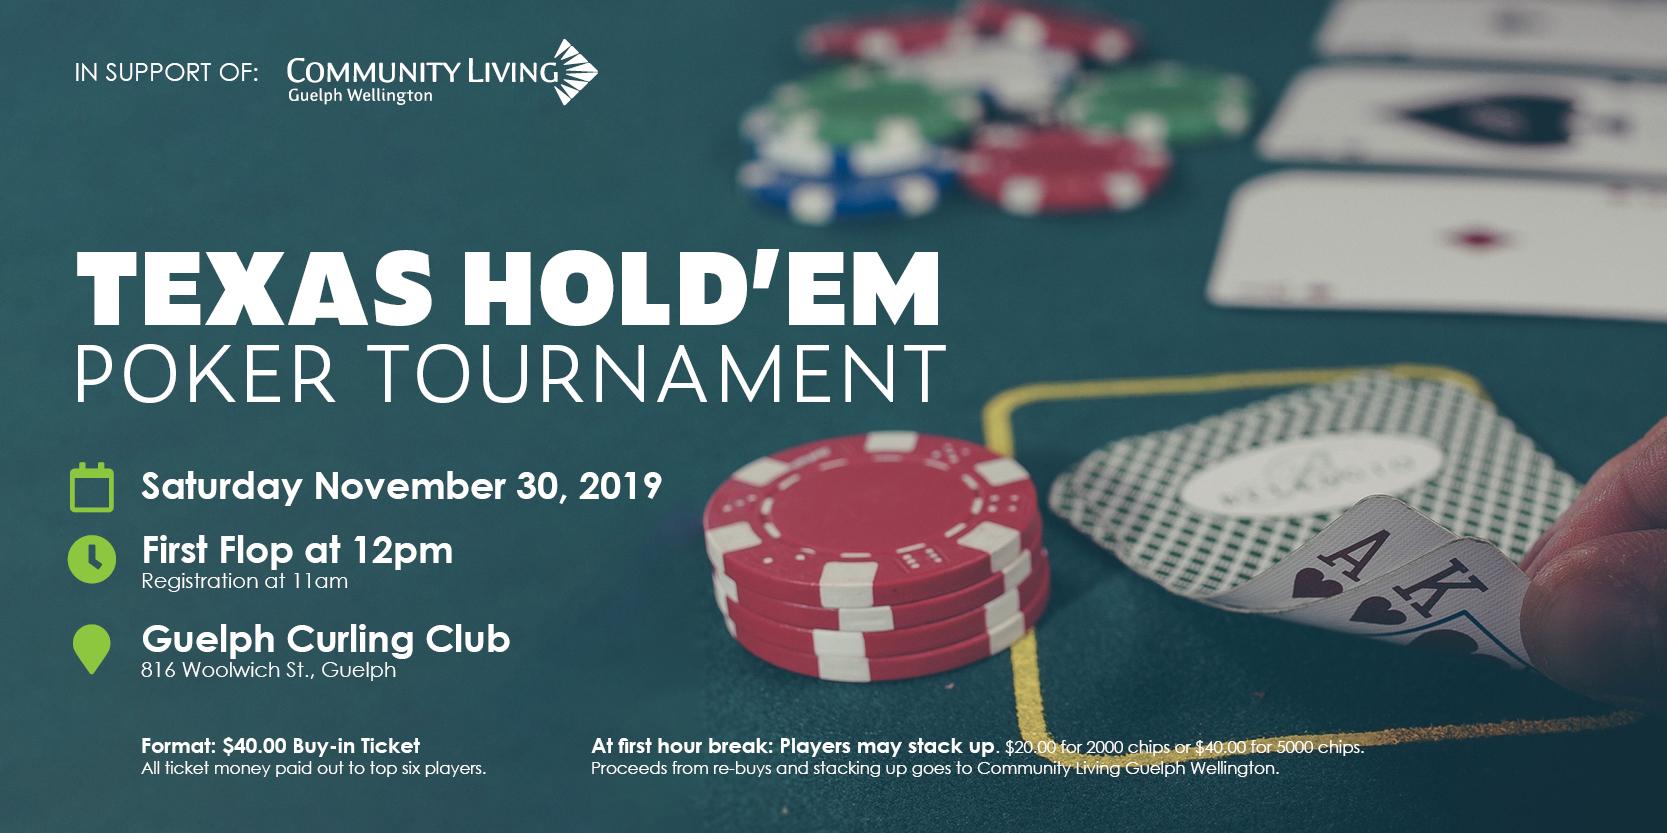 clgw, poker tournament, texas hold'em, fundraiser